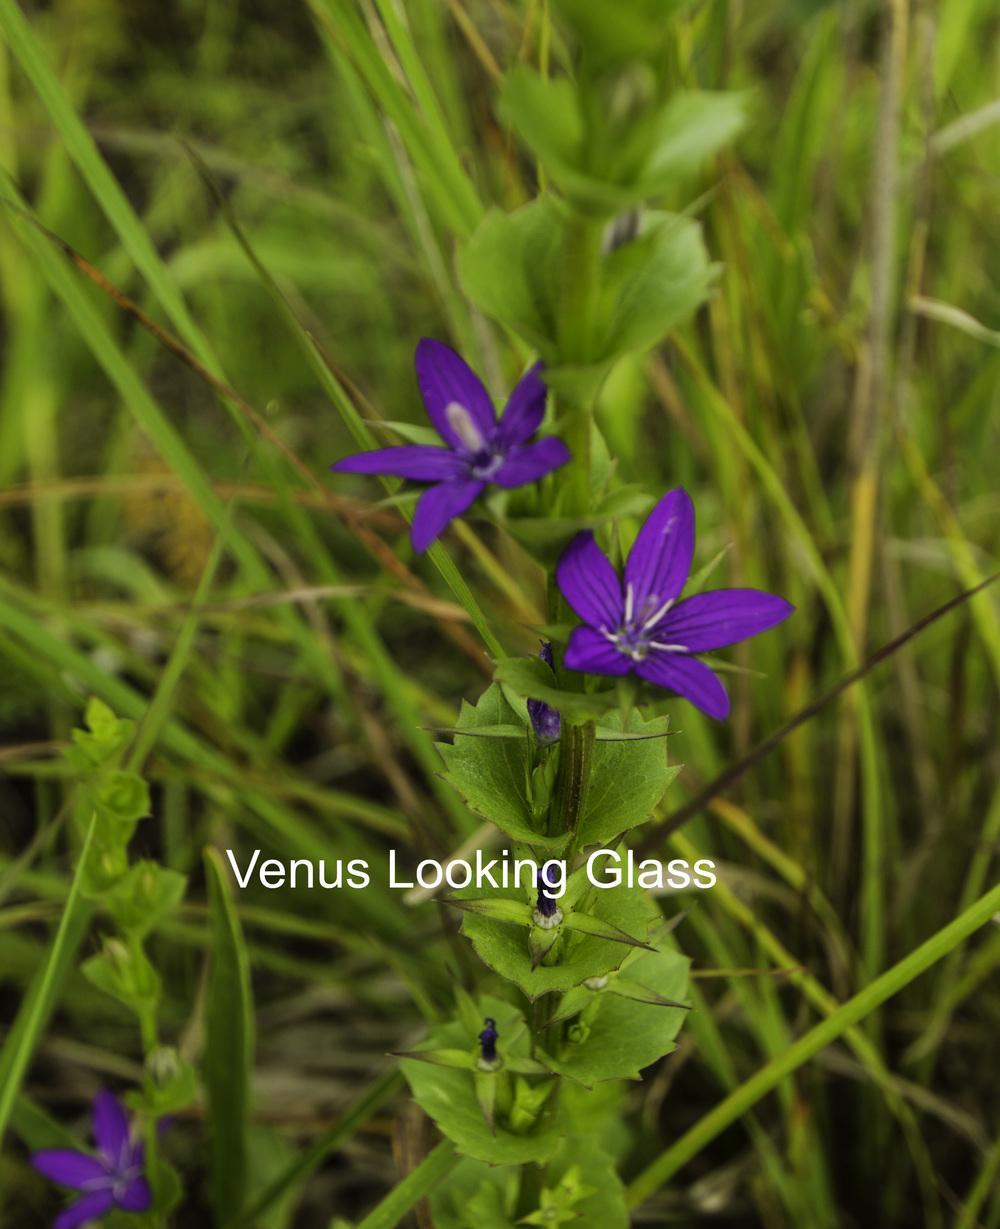 venus looking glass.jpg